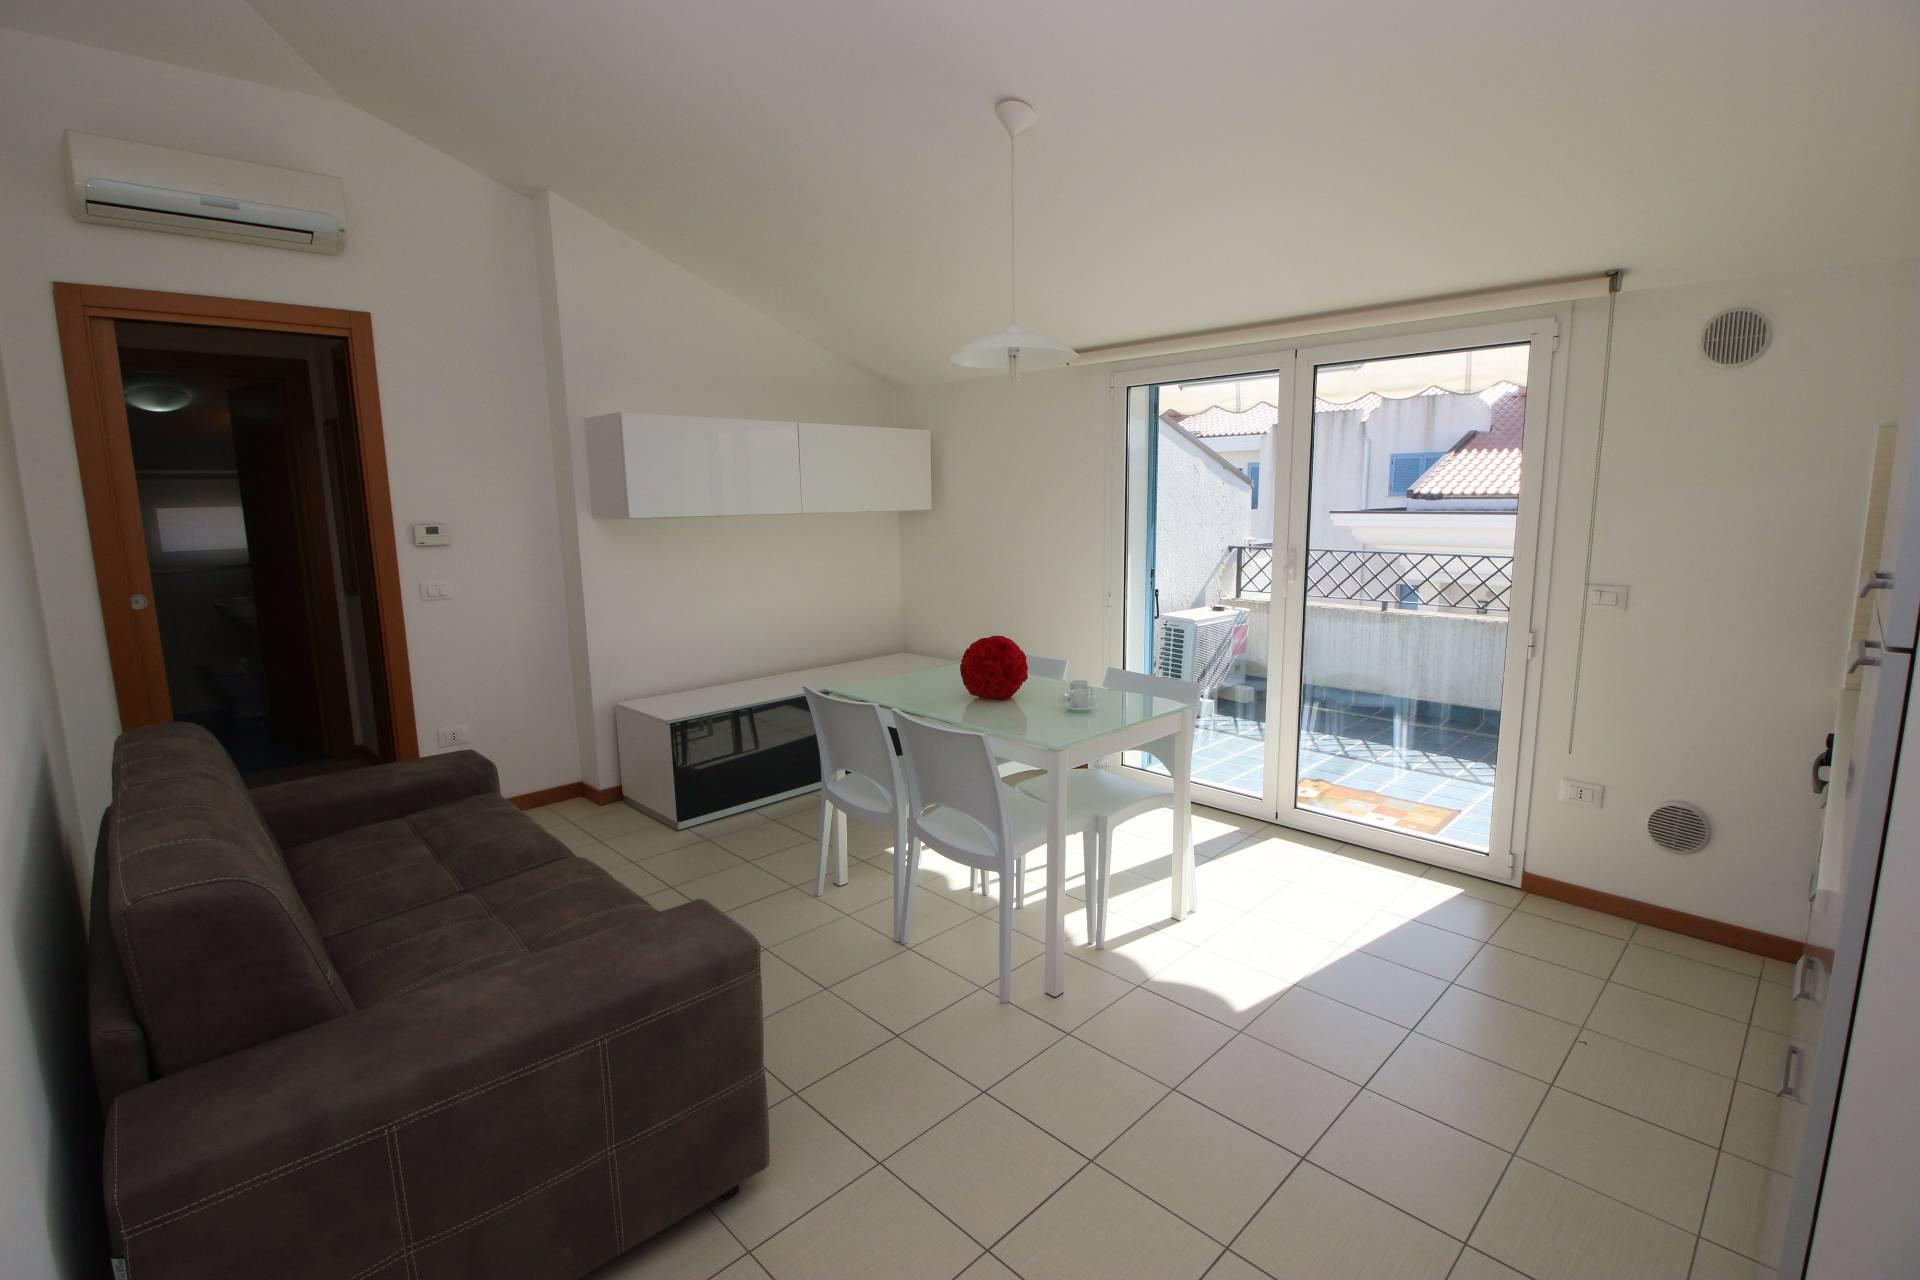 Attico / Mansarda in vendita a Tortoreto, 2 locali, zona Località: TortoretoLido, prezzo € 100.000 | Cambio Casa.it